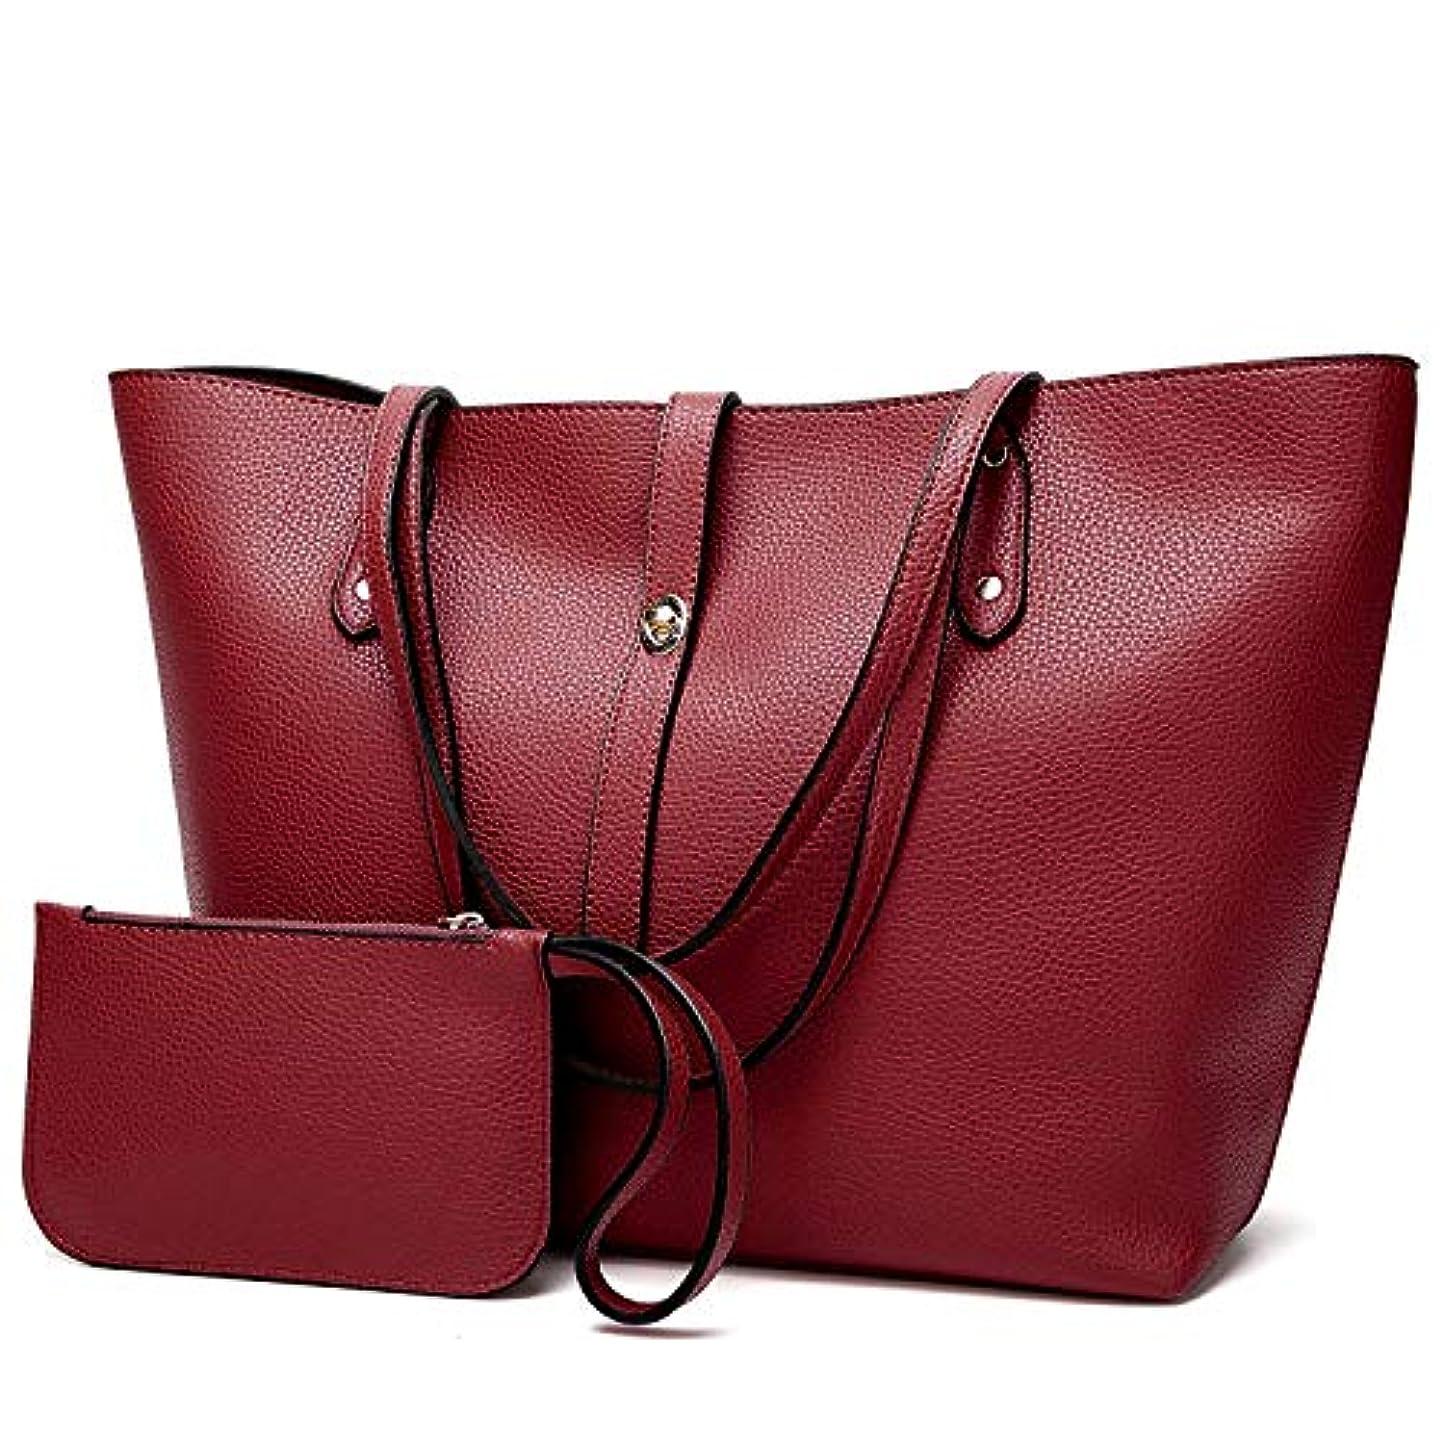 船乗りメタン程度[TcIFE] ハンドバッグ レディース トートバッグ 大容量 無地 ショルダーバッグ 2way 財布とハンドバッグ